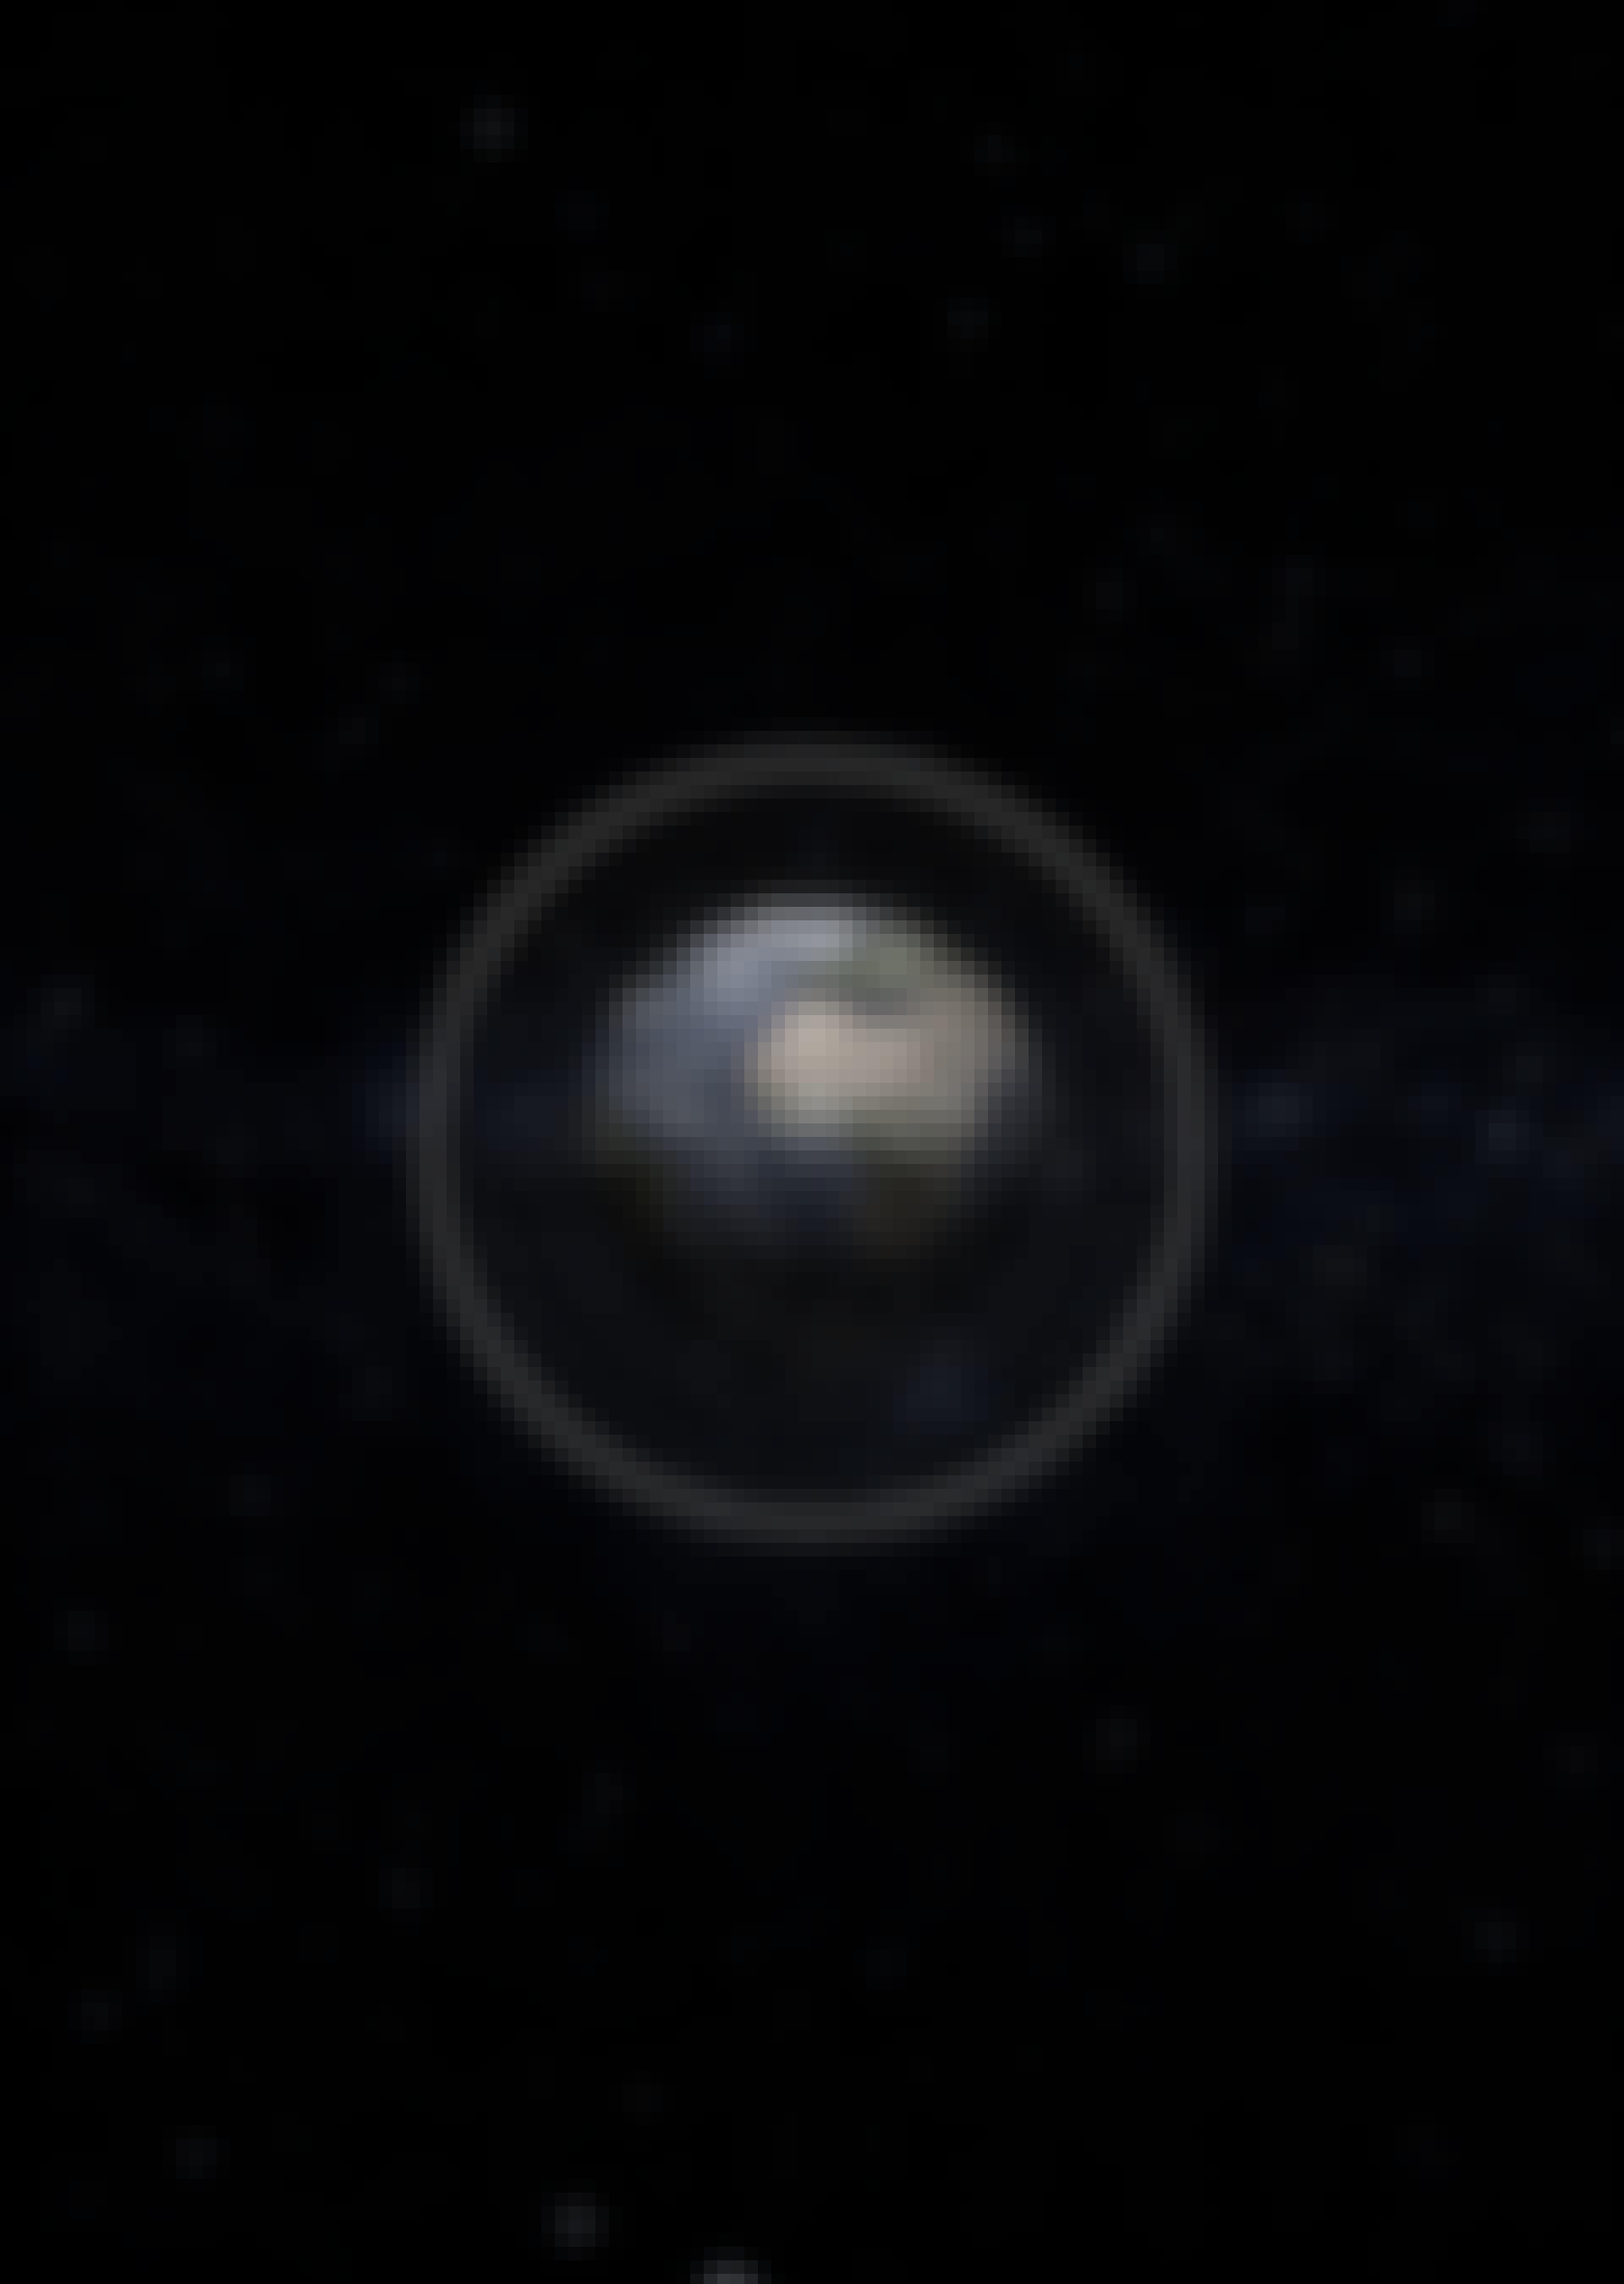 Maan ilmakehä - termosfääri